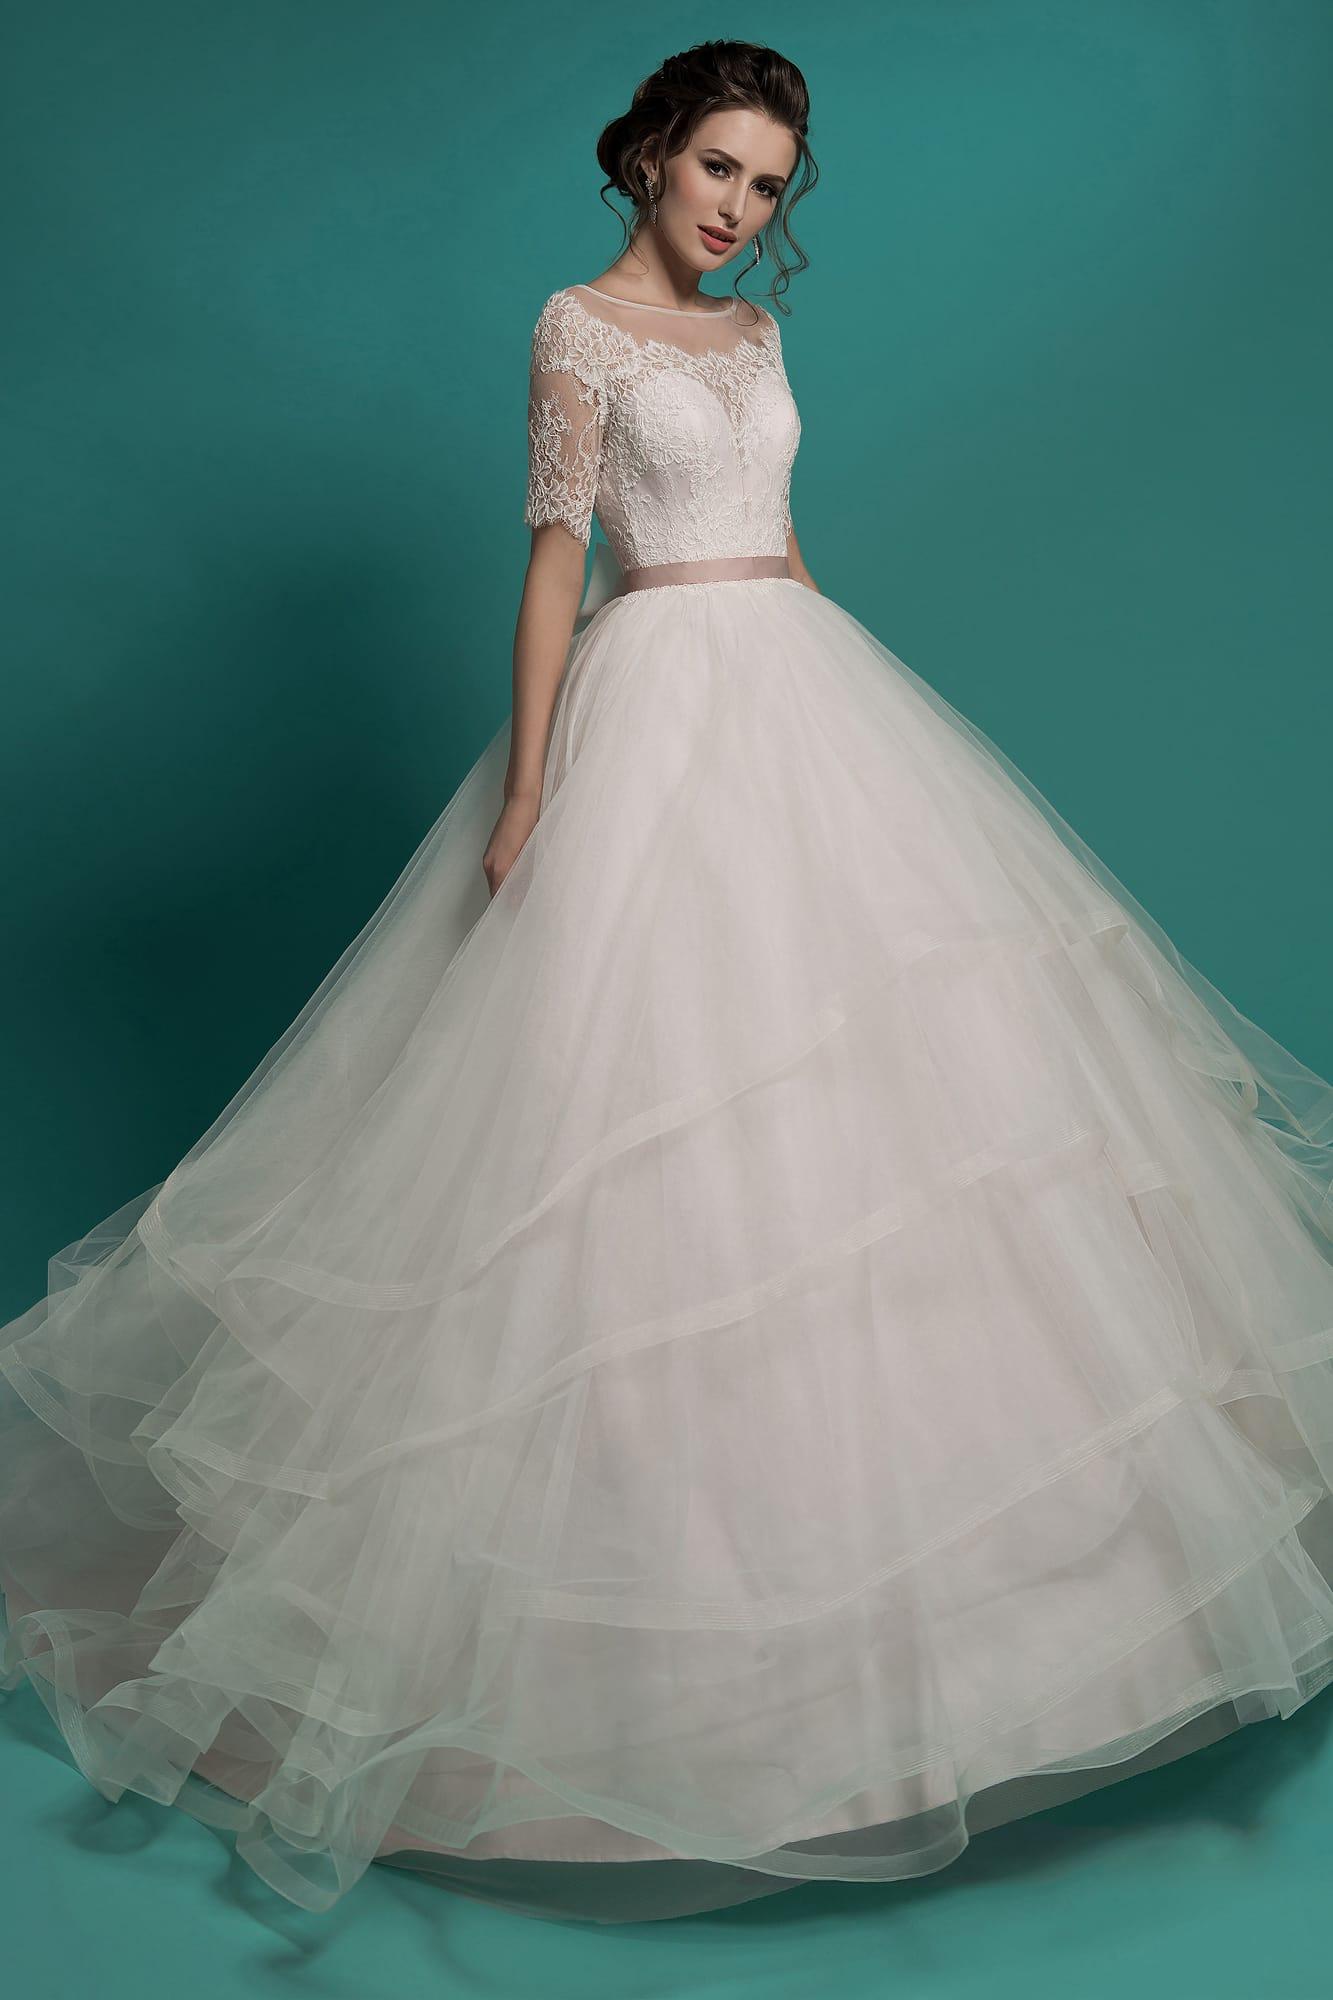 e8f90d94da8 Пышное свадебное платье с округлым вырезом и многоярусной юбкой с объемным  шлейфом.